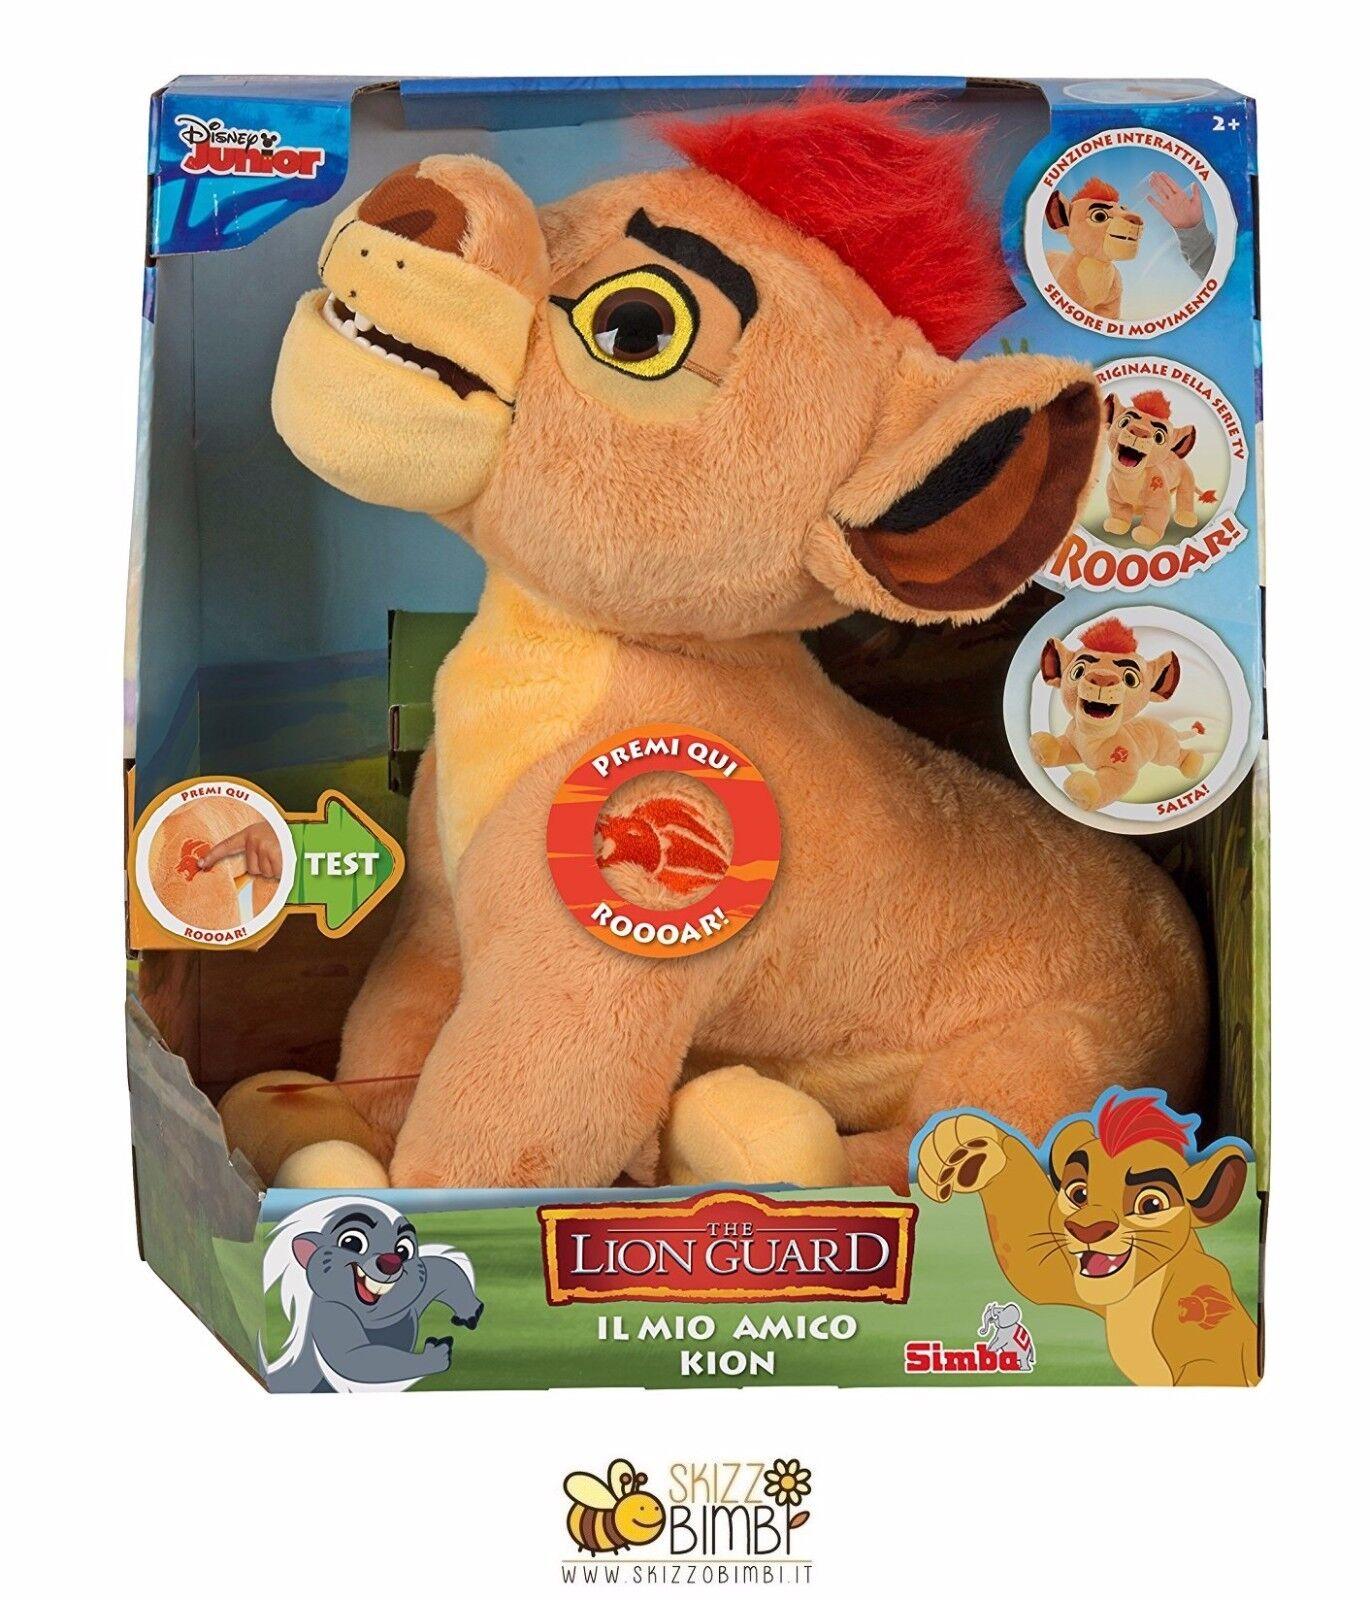 The Lion Guard Peluche Interattivo Interattivo Interattivo 1f3003